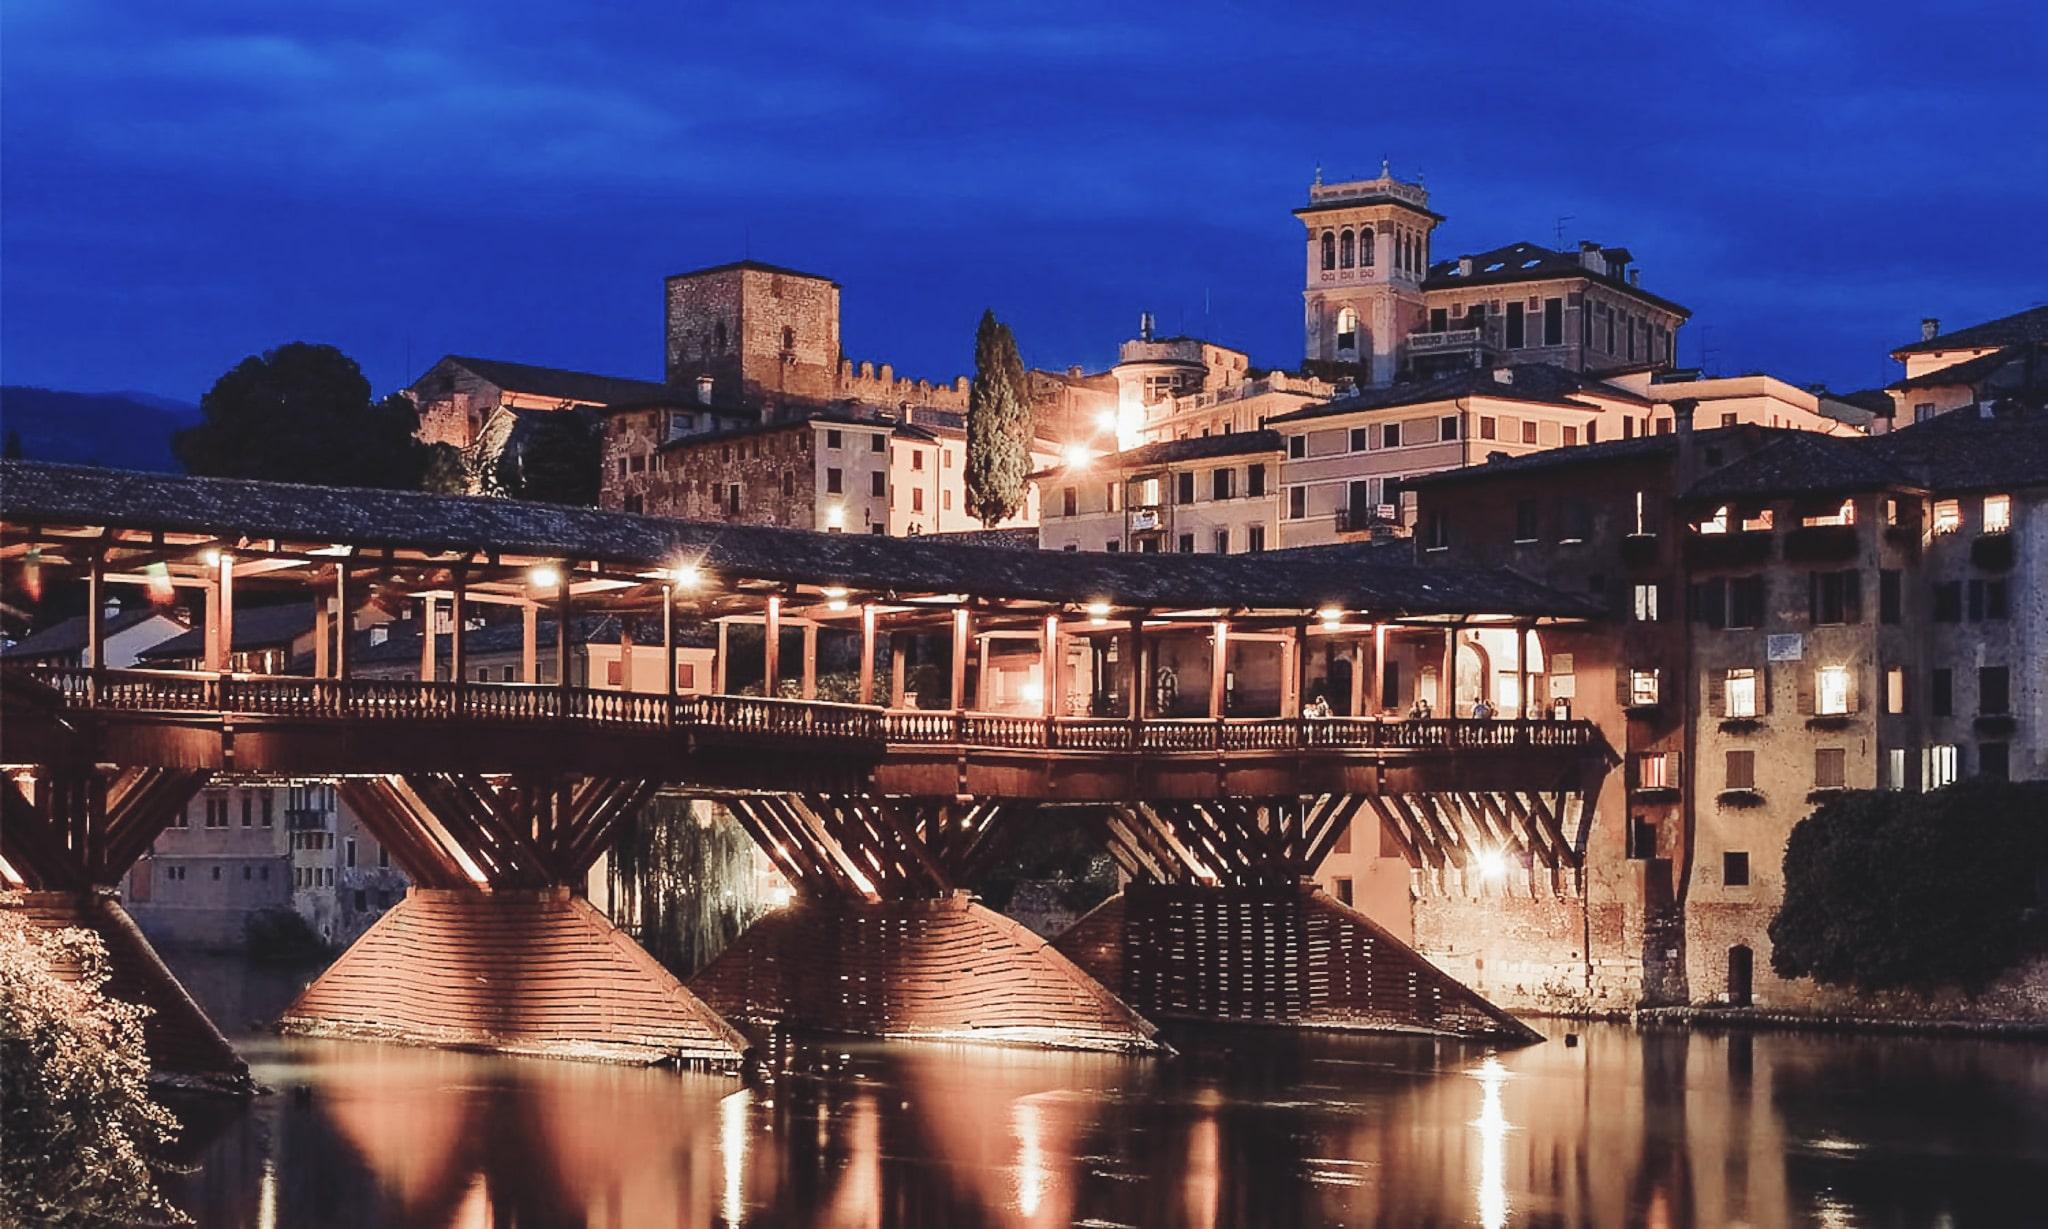 night panorama of bridge in bassano del grappa near Venice Italy